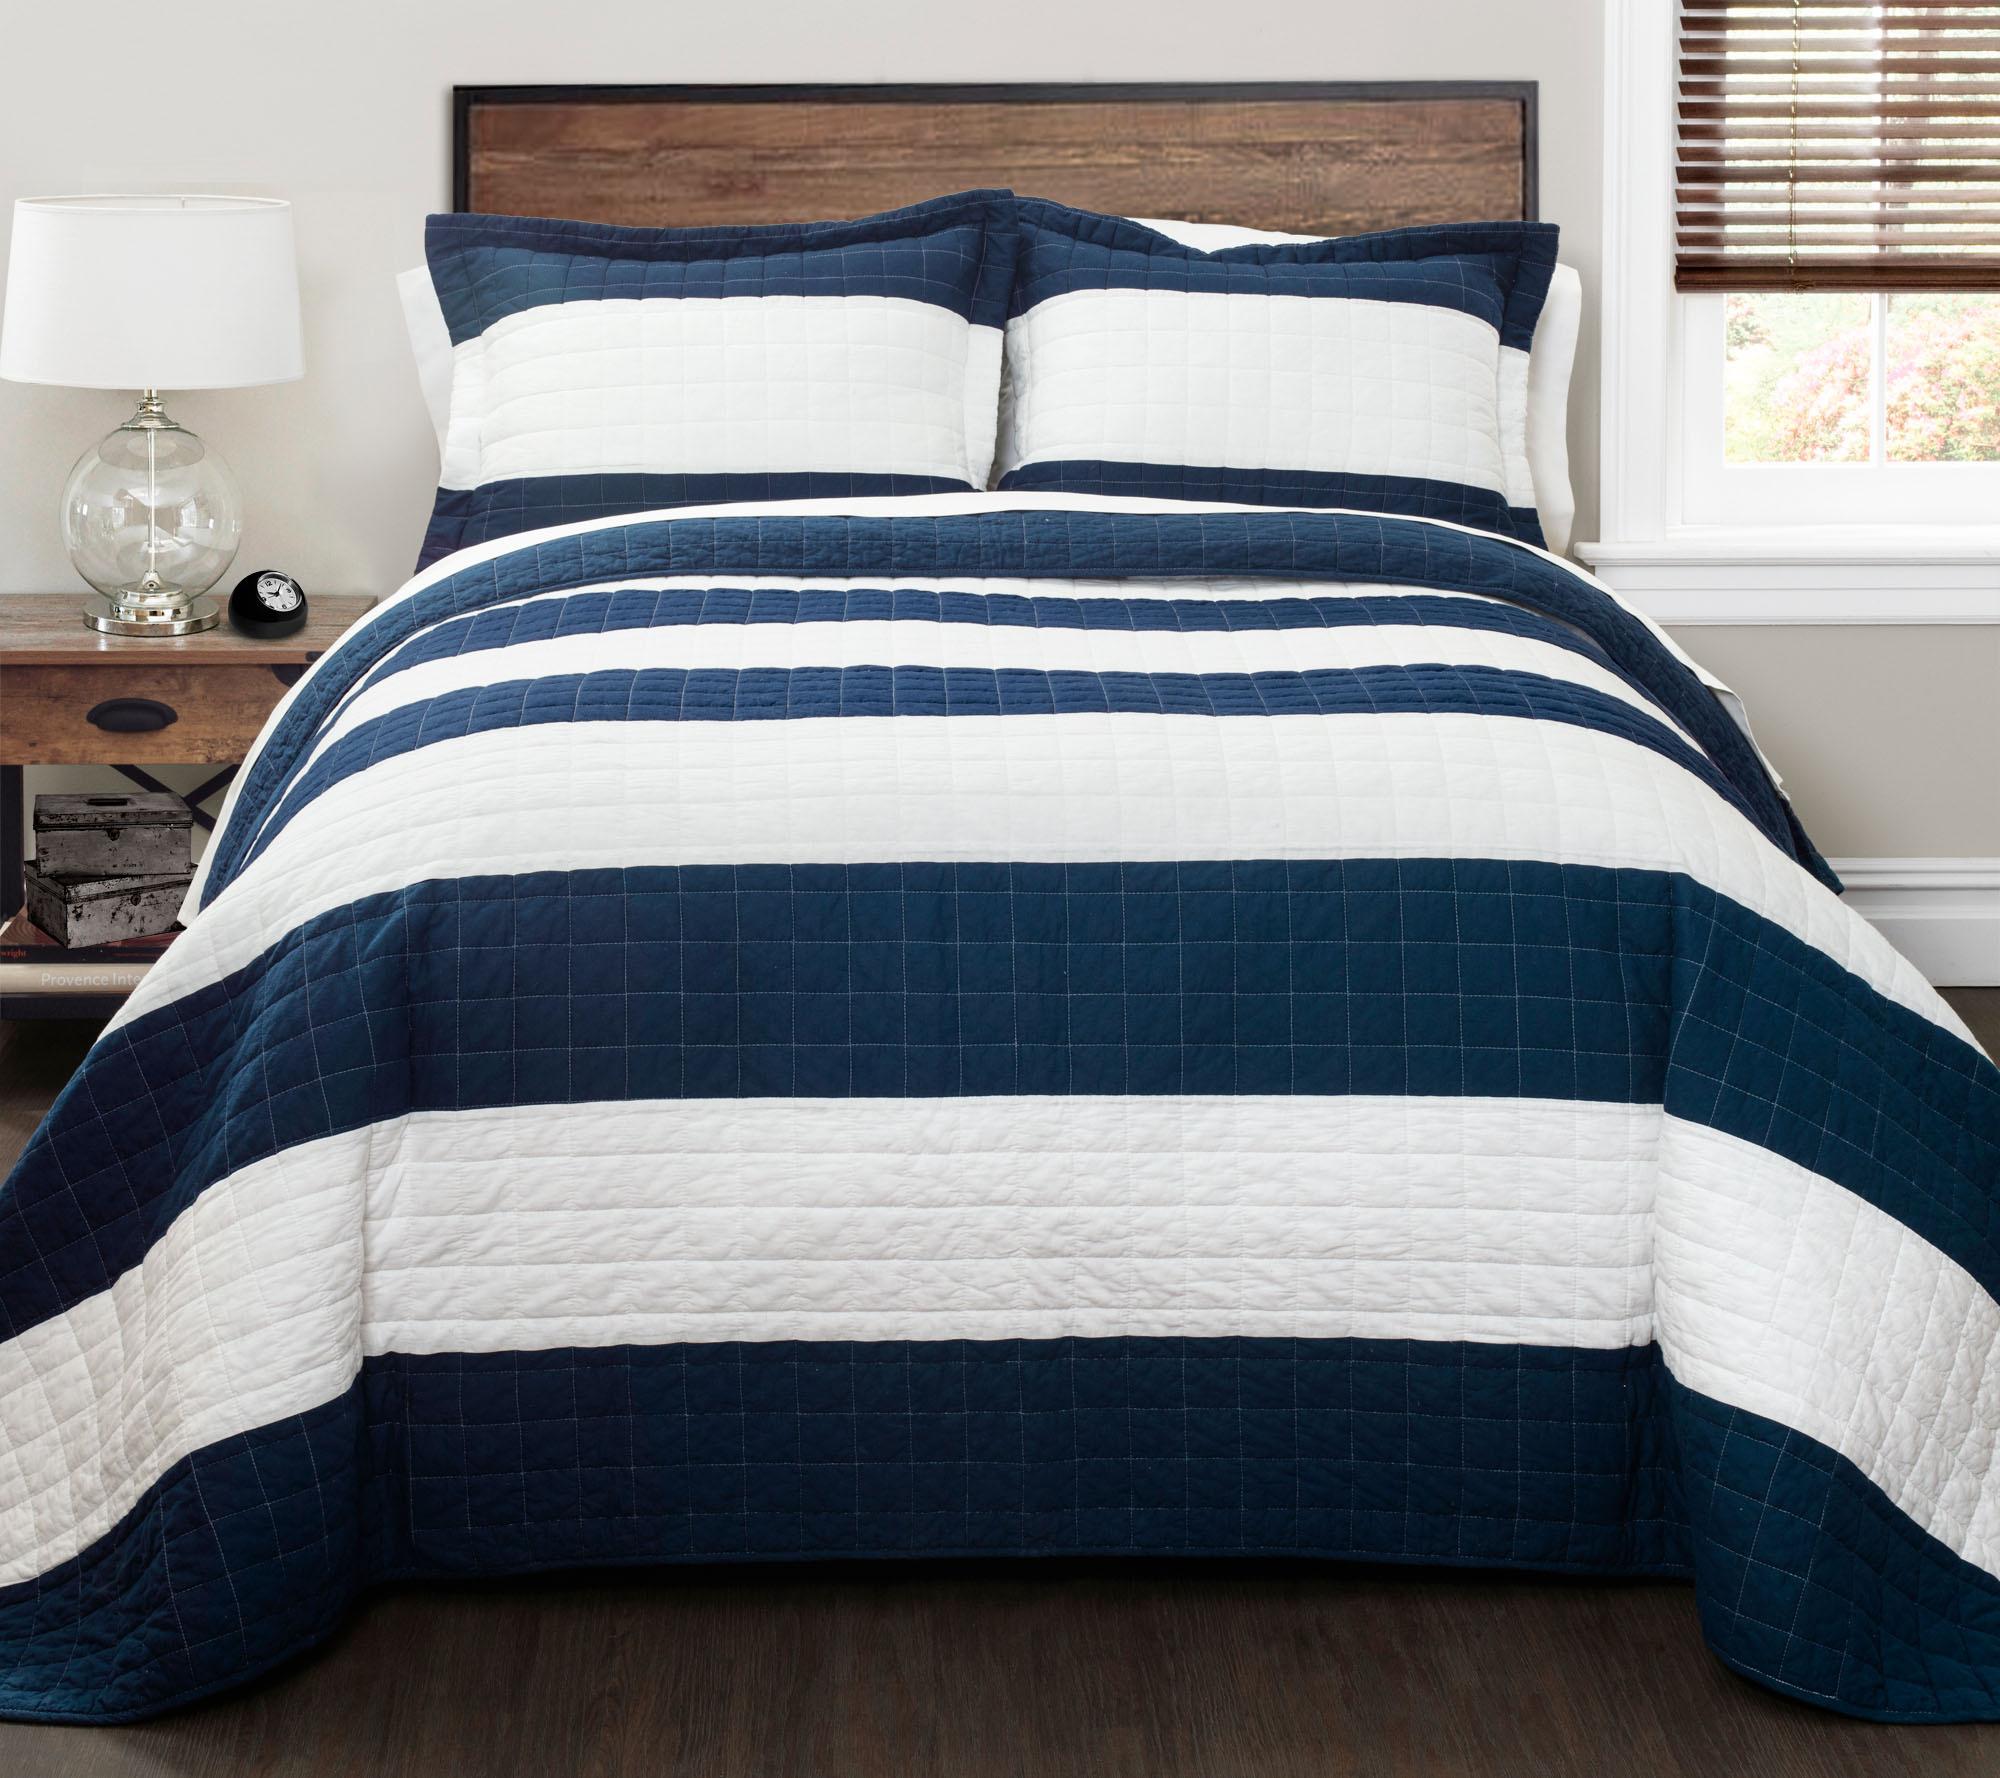 Famous Navy/White Stripe 2-Piece Twin Quilt Set by Lush Decor — QVC.com MT05